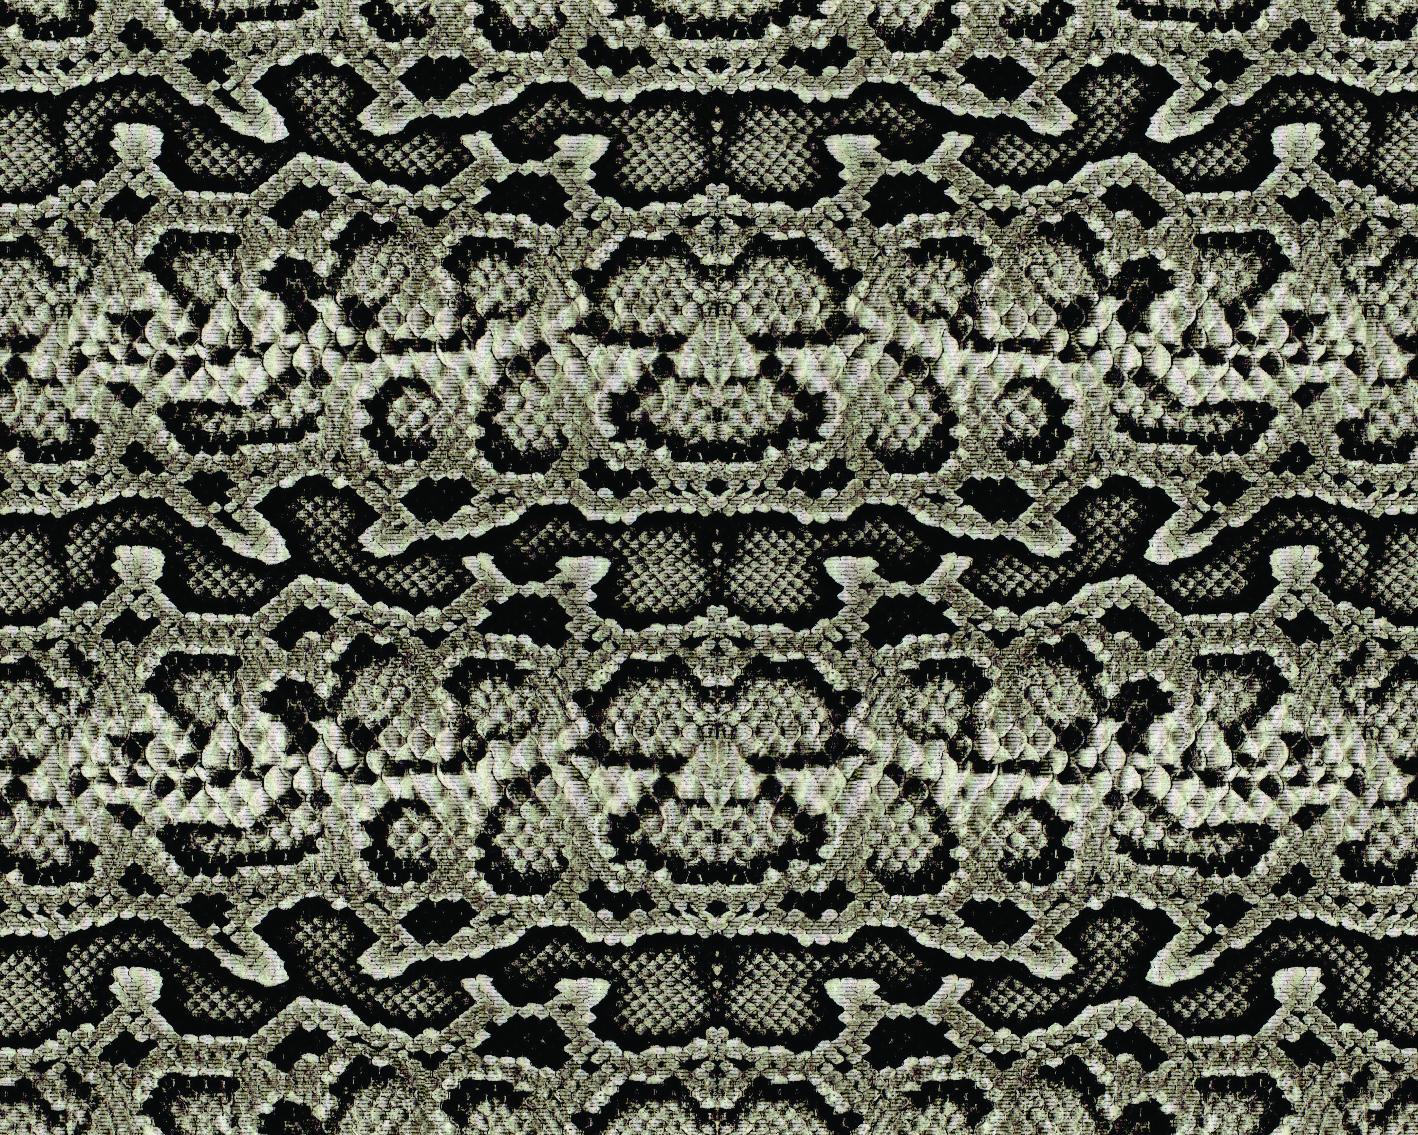 Snake 30-36-04